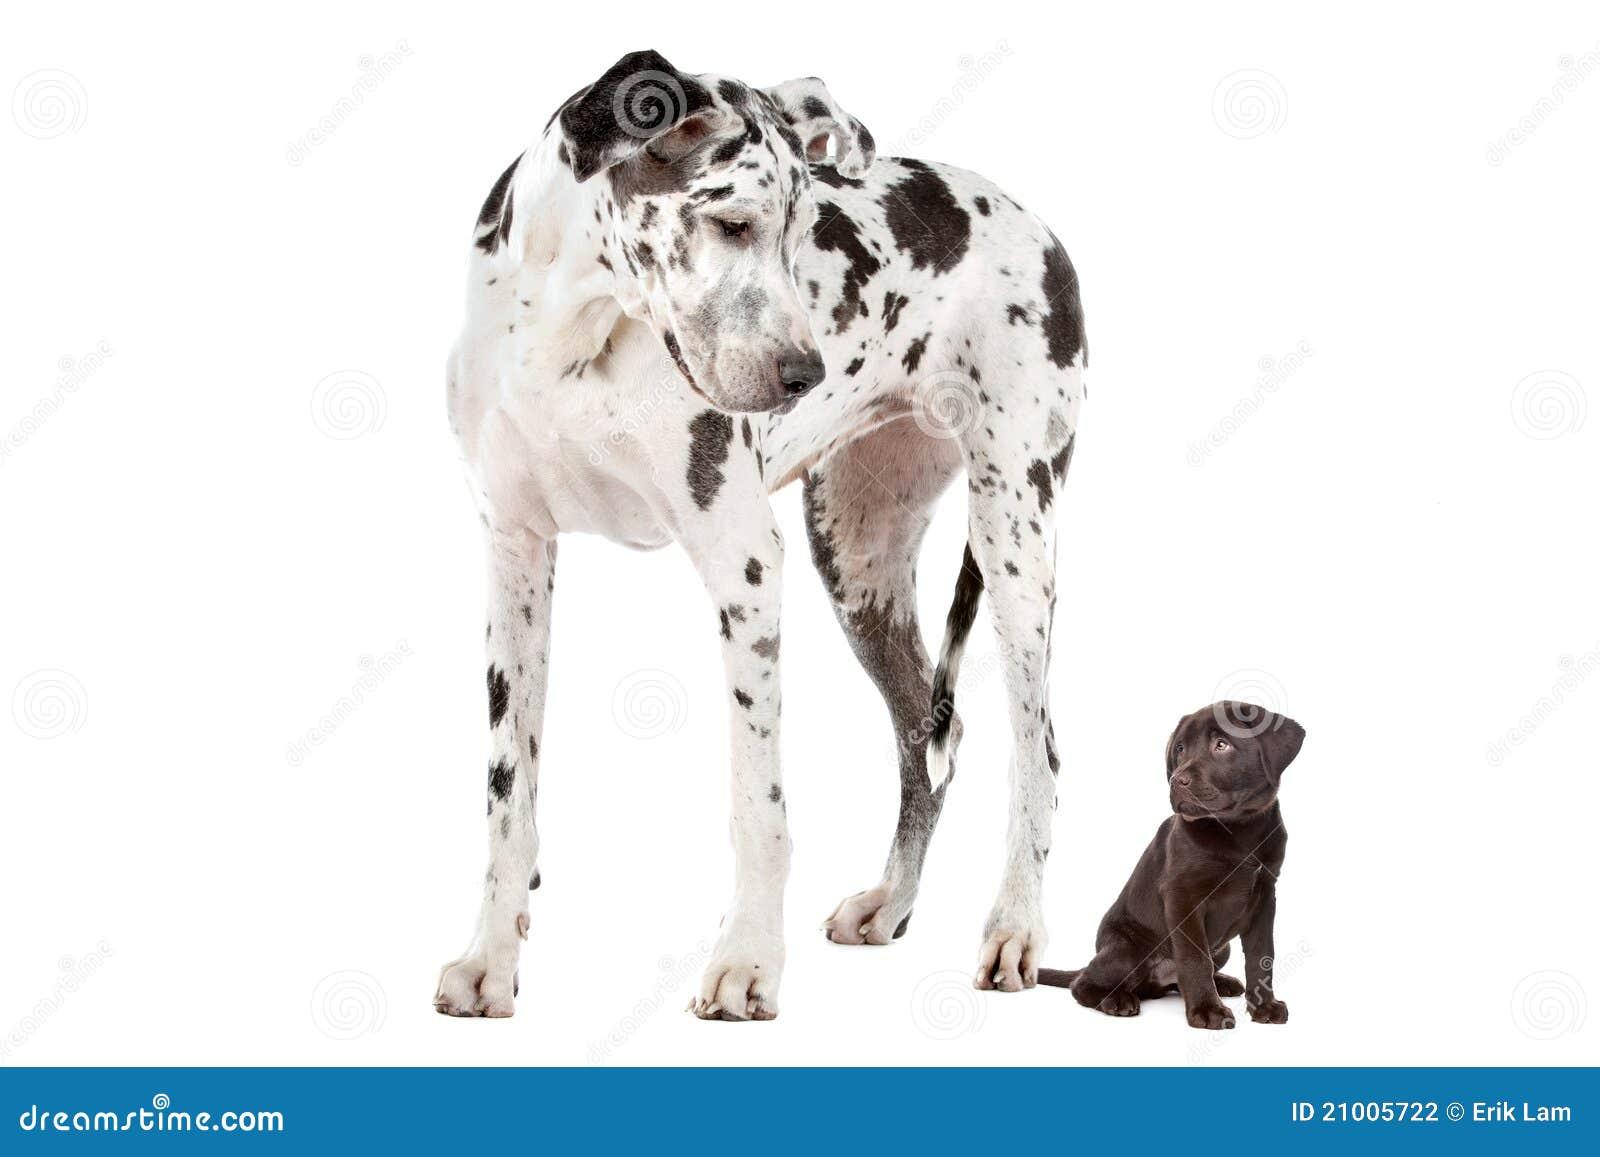 Small Dog Barking At Big Dog